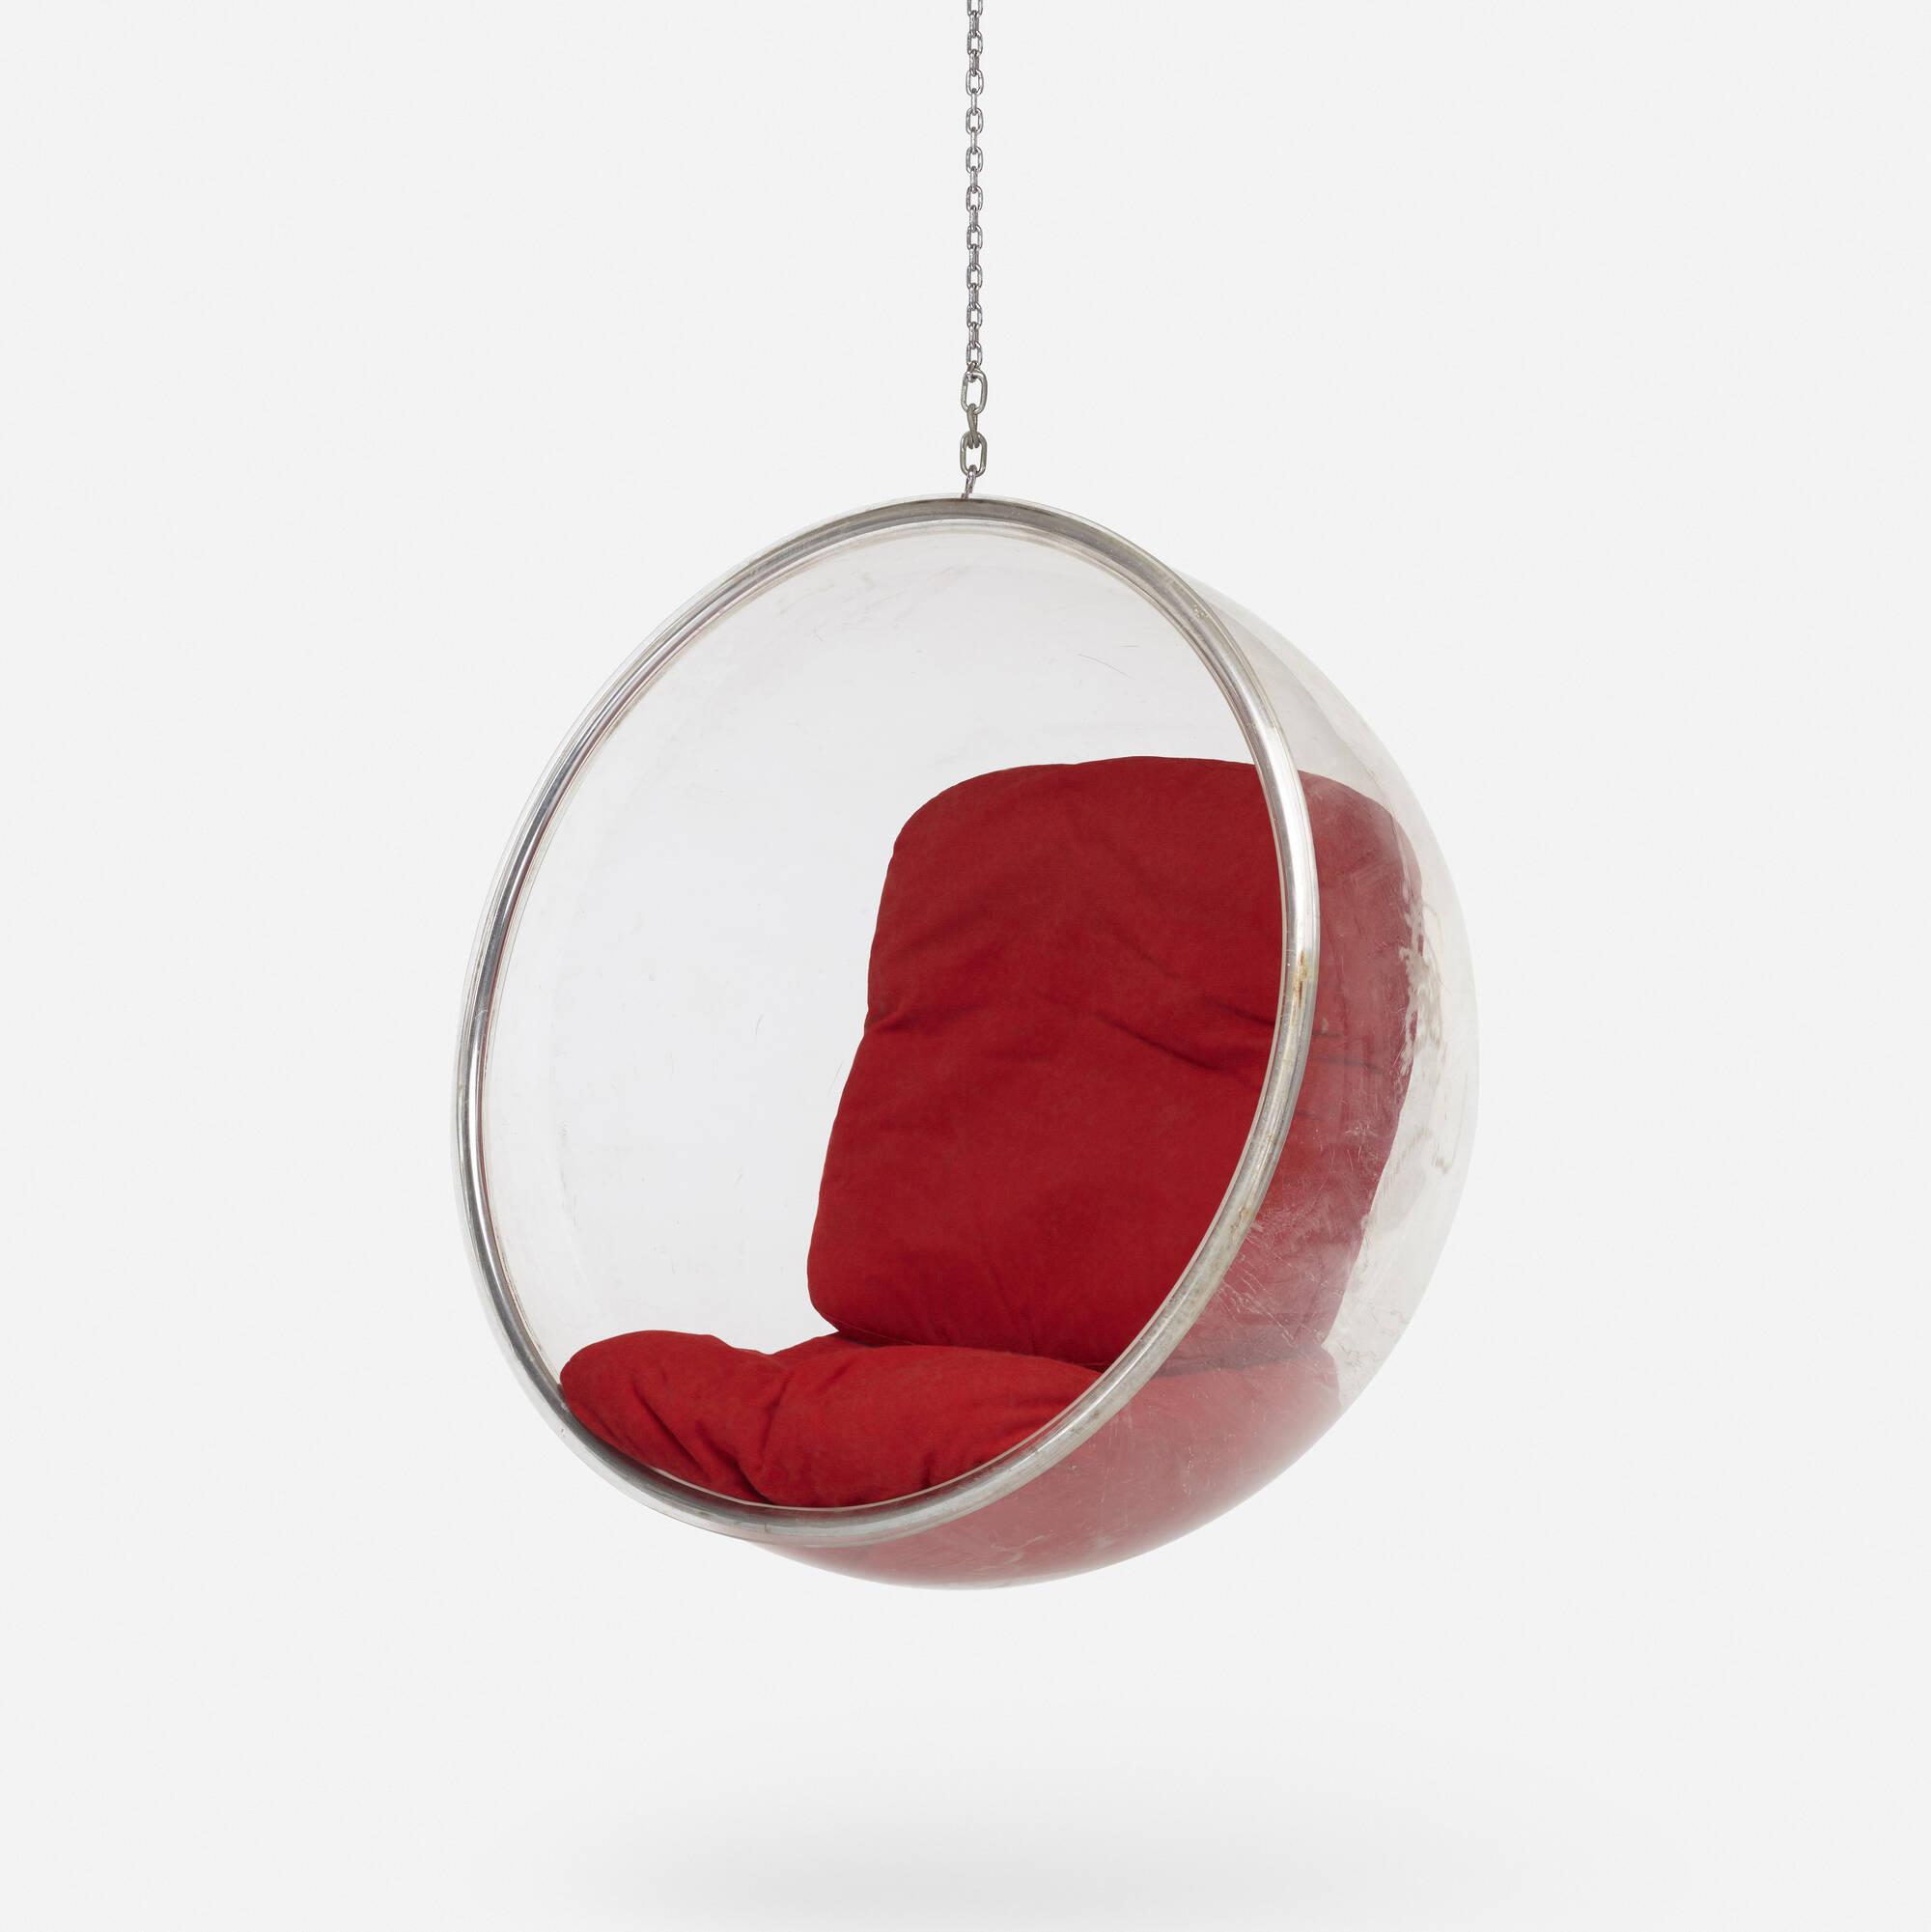 103: Eero Aarnio / Bubble chair (1 of 2)